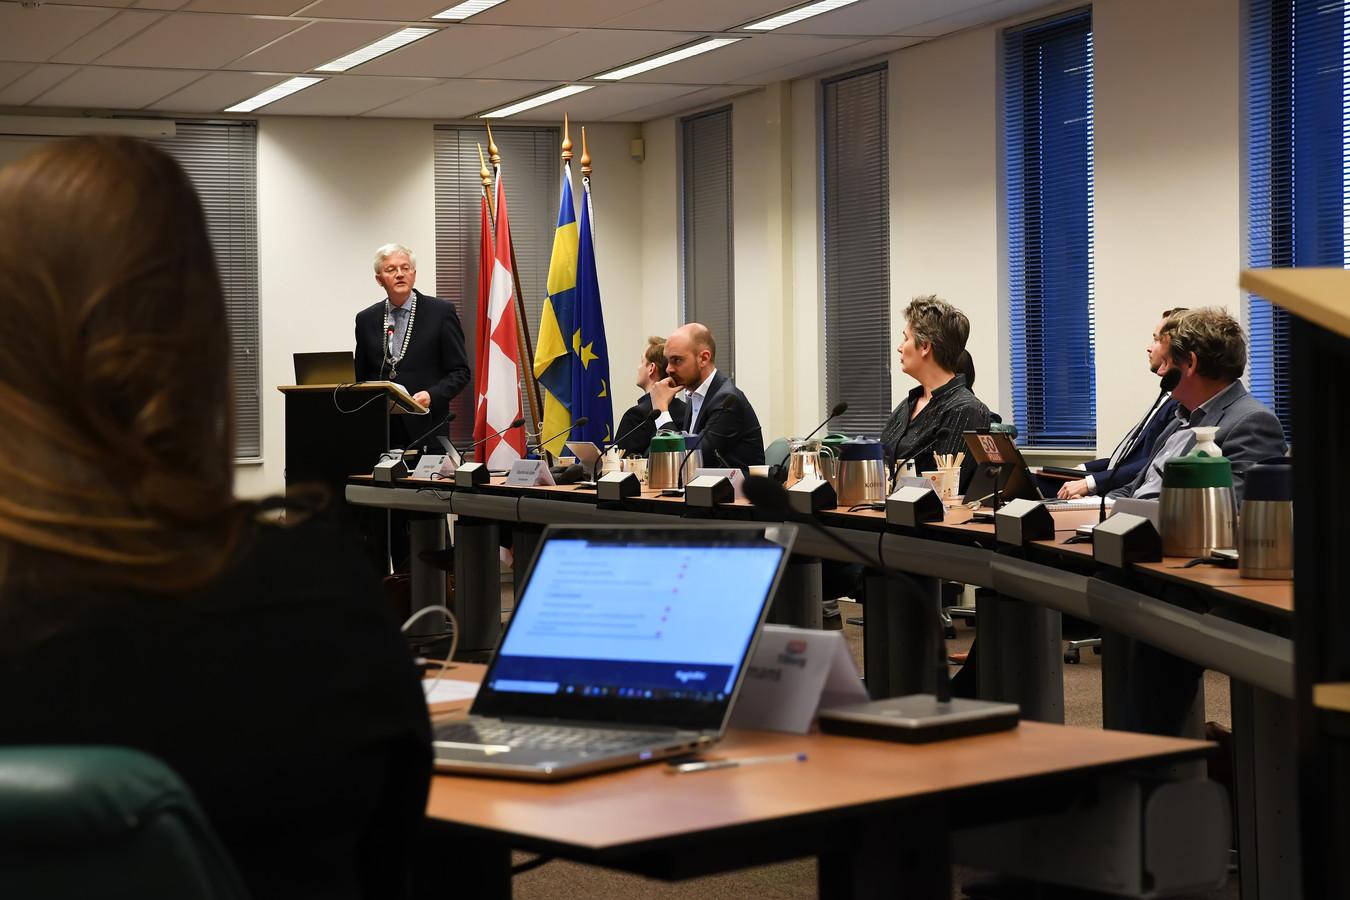 In mei vorig jaar kwam de Tilburgse gemeenteraad nog fysiek bijeen, zij het in afgeslankte vorm.  Alleen de fractievoorzitters of woordvoerders over een onderwerp waren aanwezig. Na de zomer werd overgestapt op digitaal vergaderen.